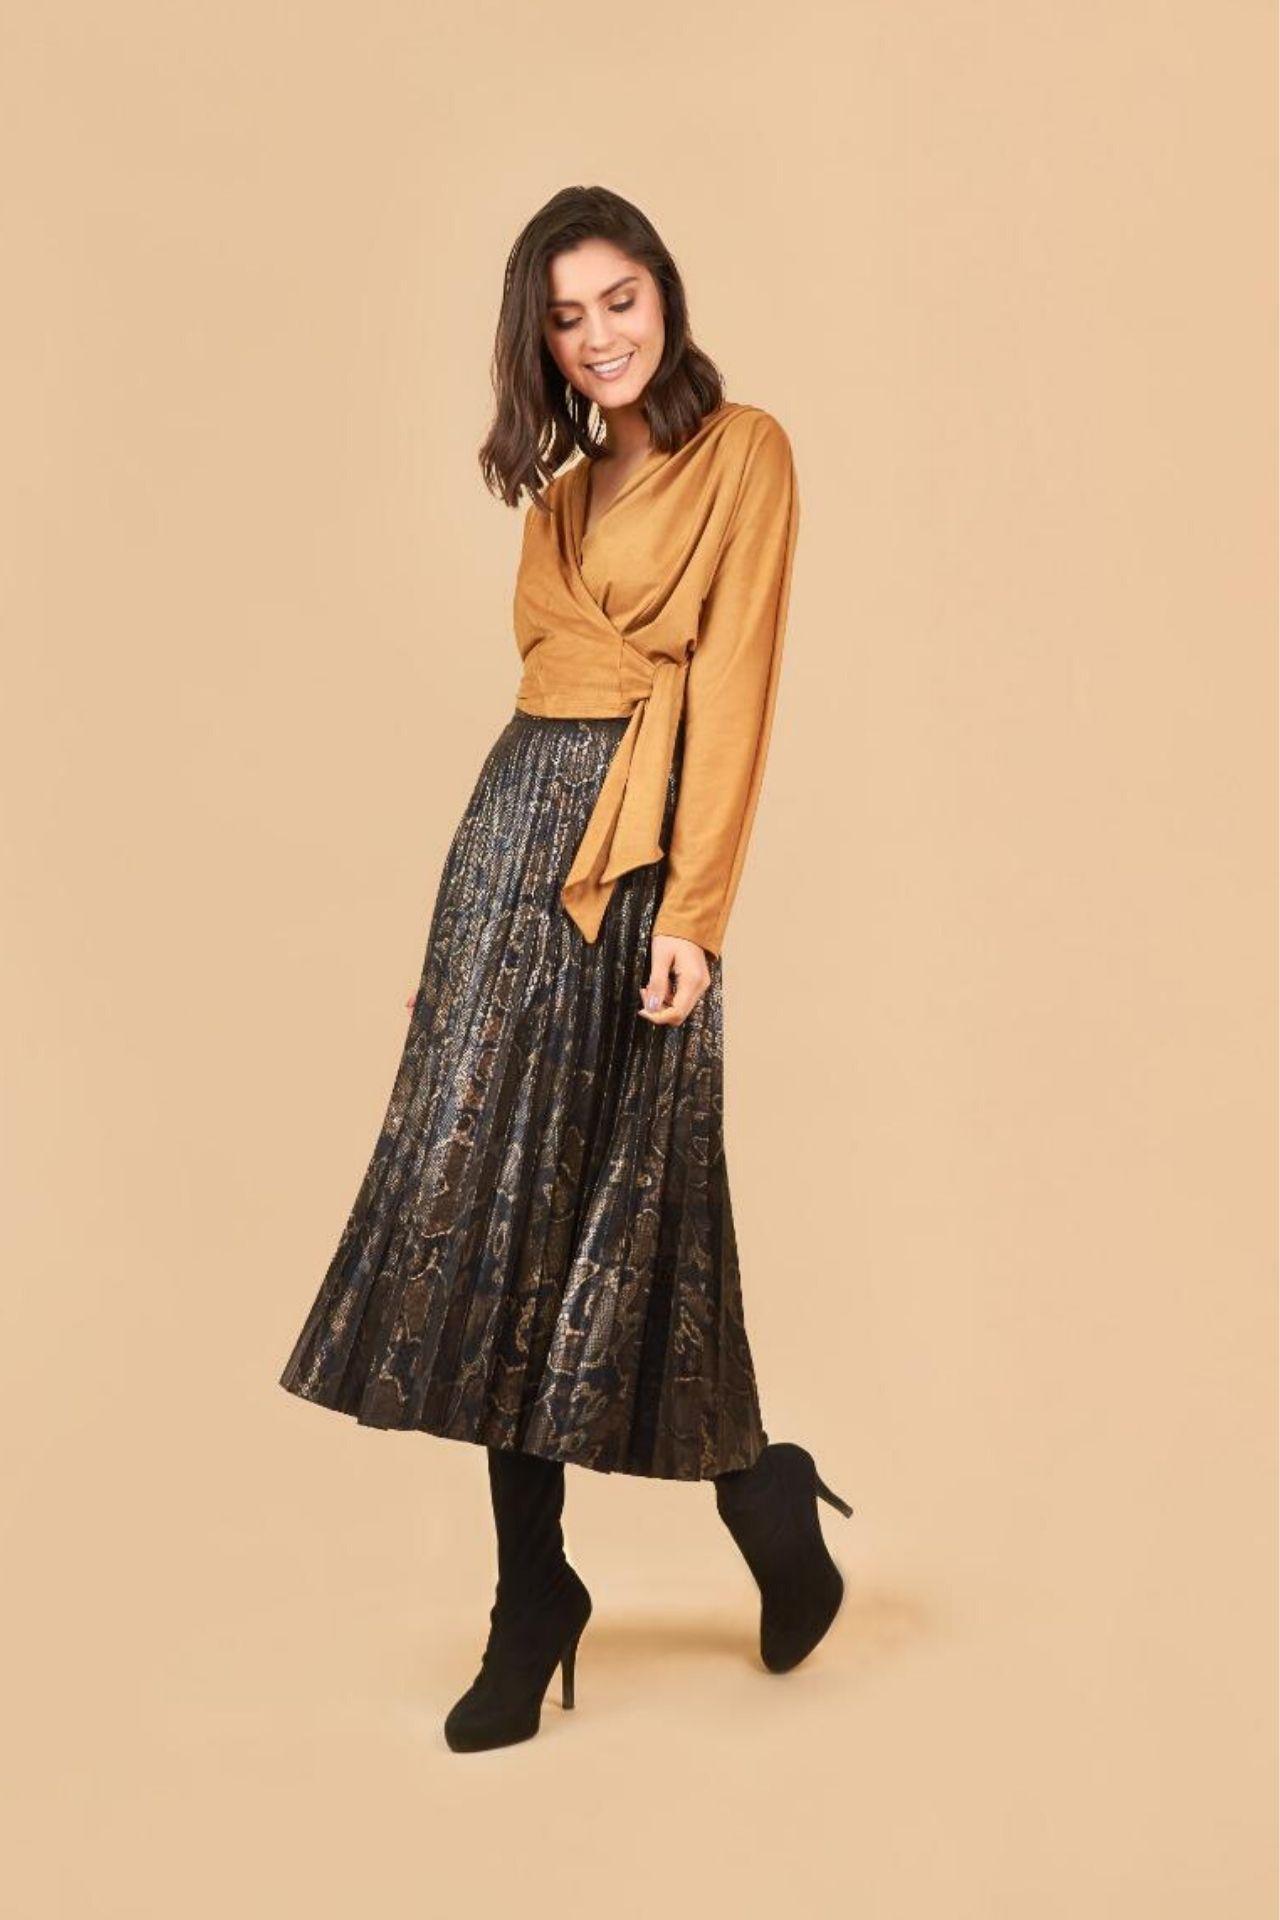 Falda London está elaborado de Latex texturado.  Esta prenda es elegante, ideal para toda ocasión